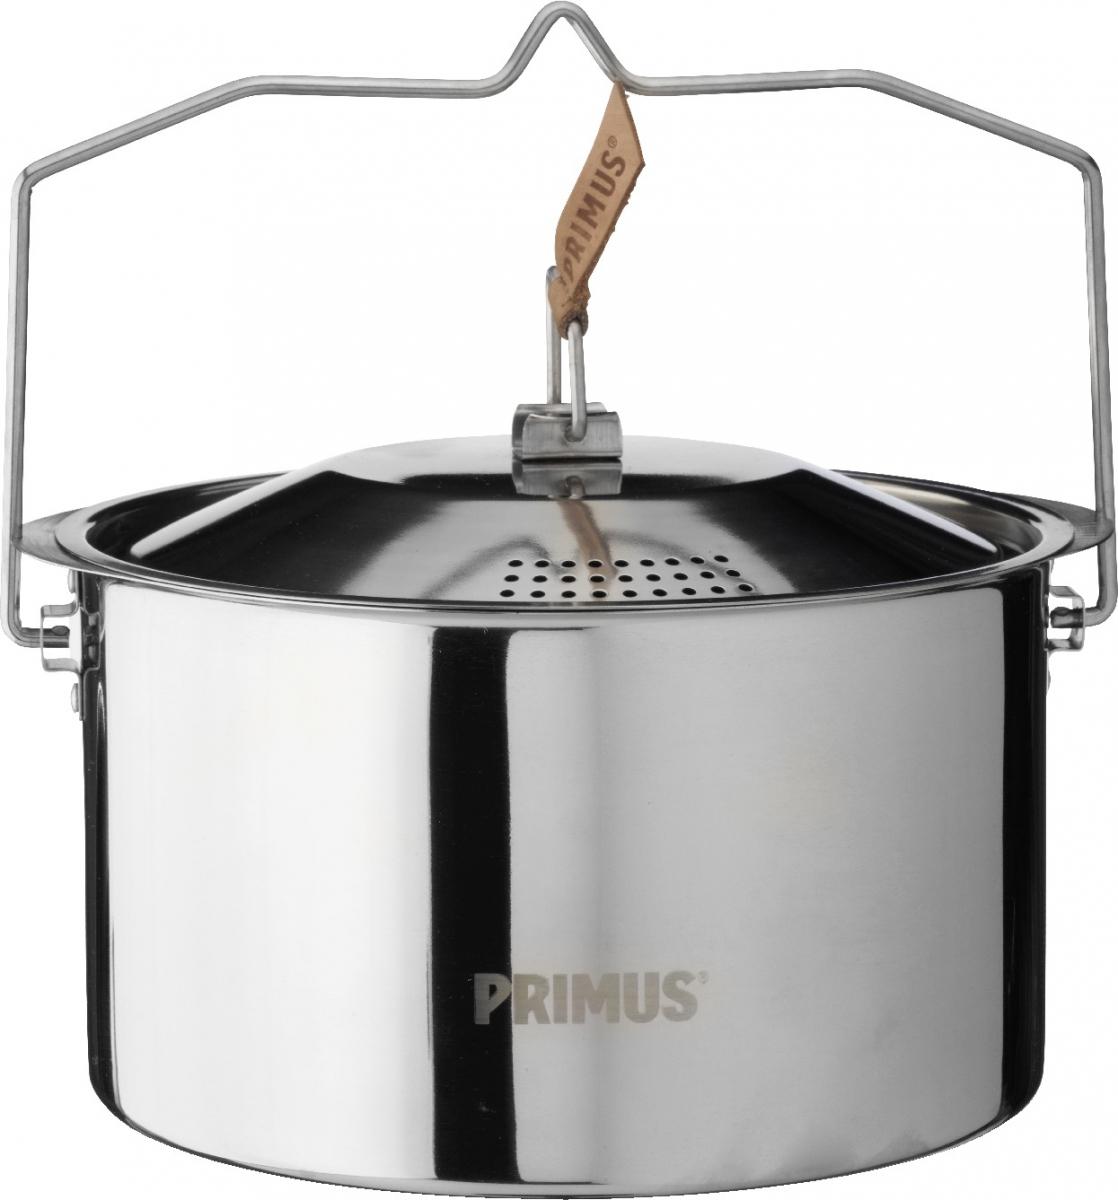 Кастрюля Primus CampFire Pot S/S, цвет: серый, 3 л738004Campfire Pot S/S - 3L – прочная кастрюля из нержавеющей стали со складной ручкой и крышкой с отверстиями для слива воды для использования на открытом огне. Идеальный, простой и практичный вариант для больших путешествий. Чехол в комплекте.